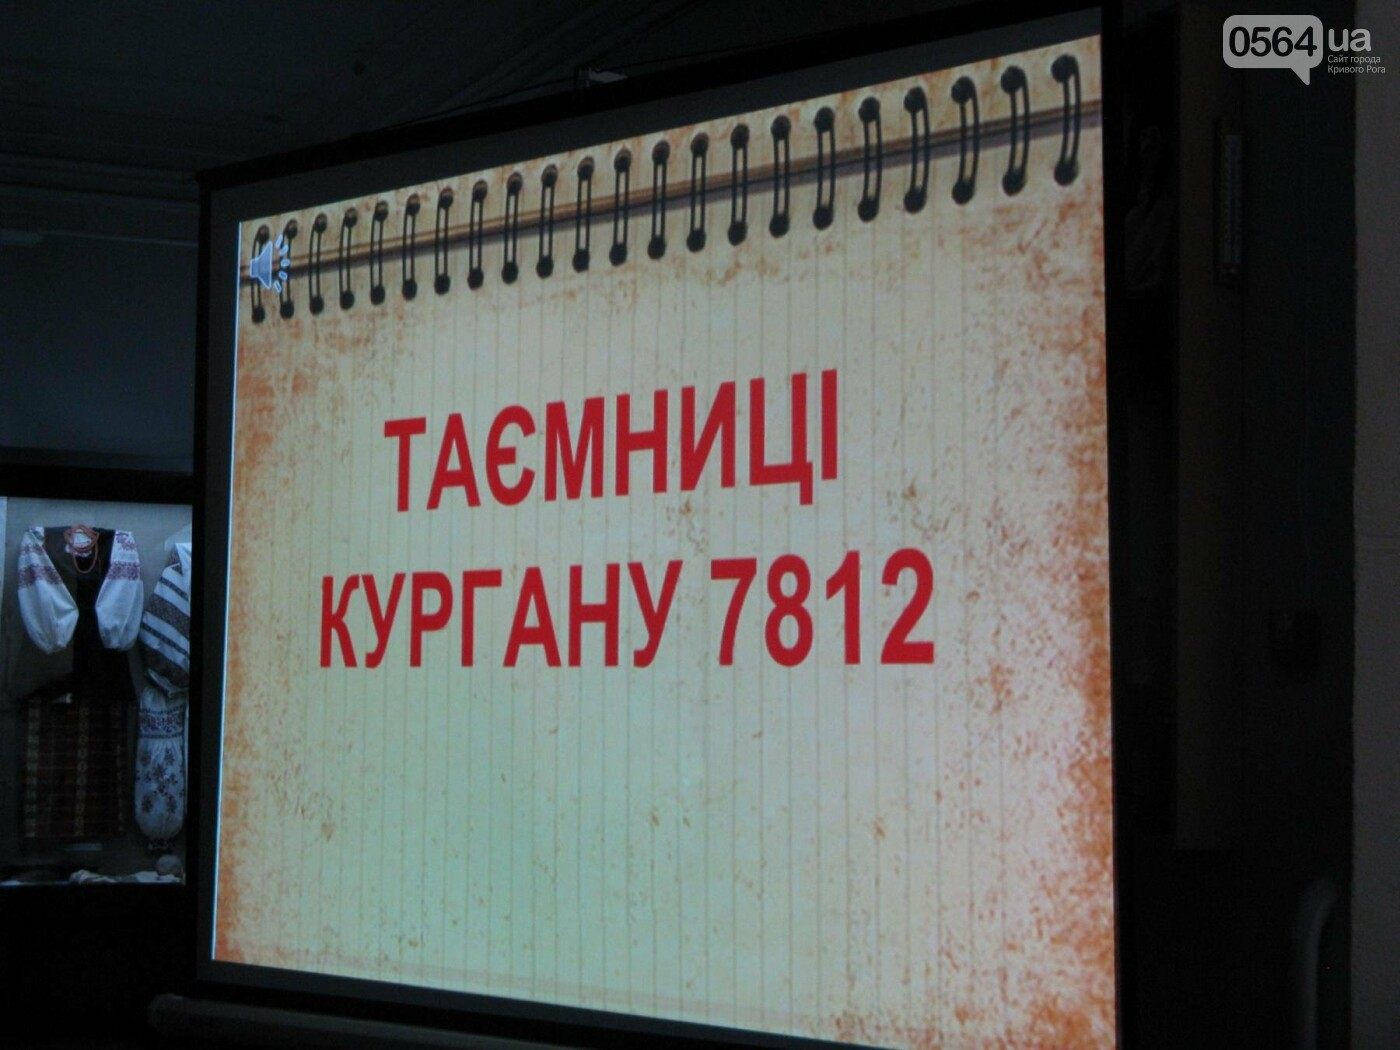 В криворожском музее открылась выставка артефактов, среди которых петля Бога Яма (ФОТО, ВИДЕО), фото-2